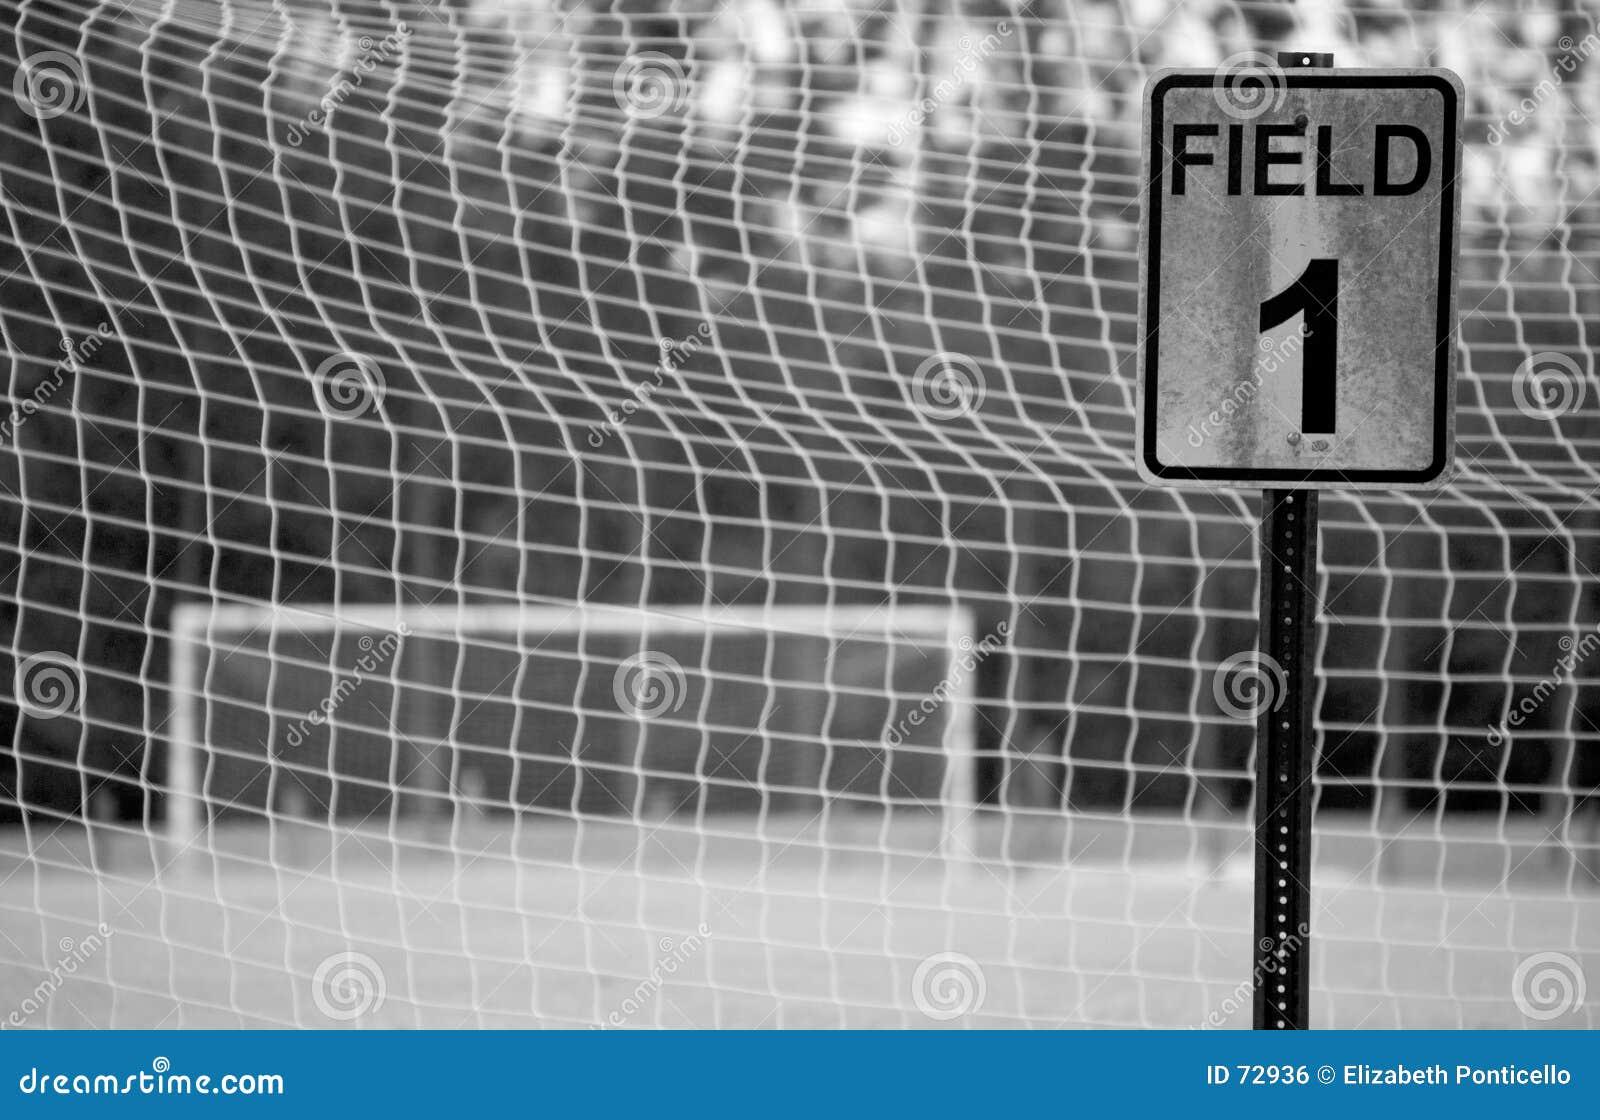 1 ποδόσφαιρο πεδίων